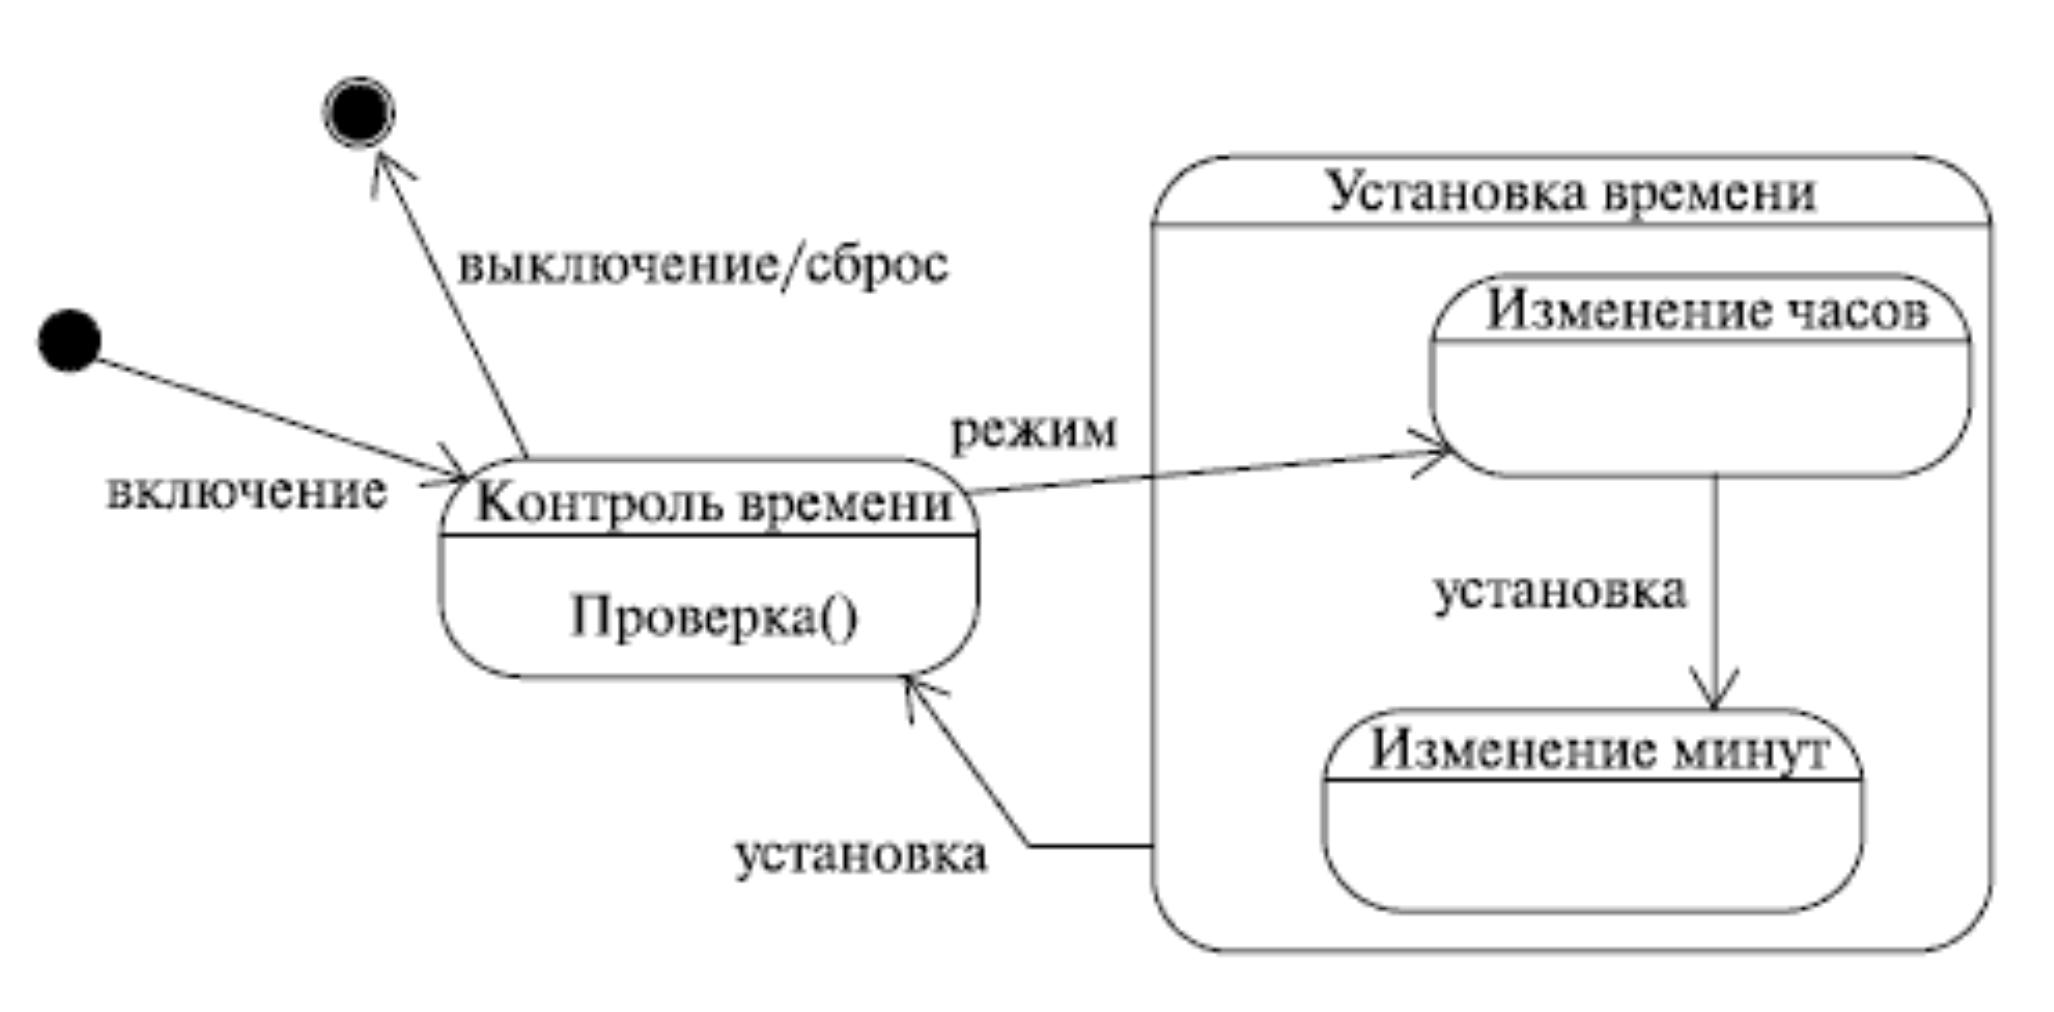 Зачем нам UML? Или как сохранить себе нервы и время - 4